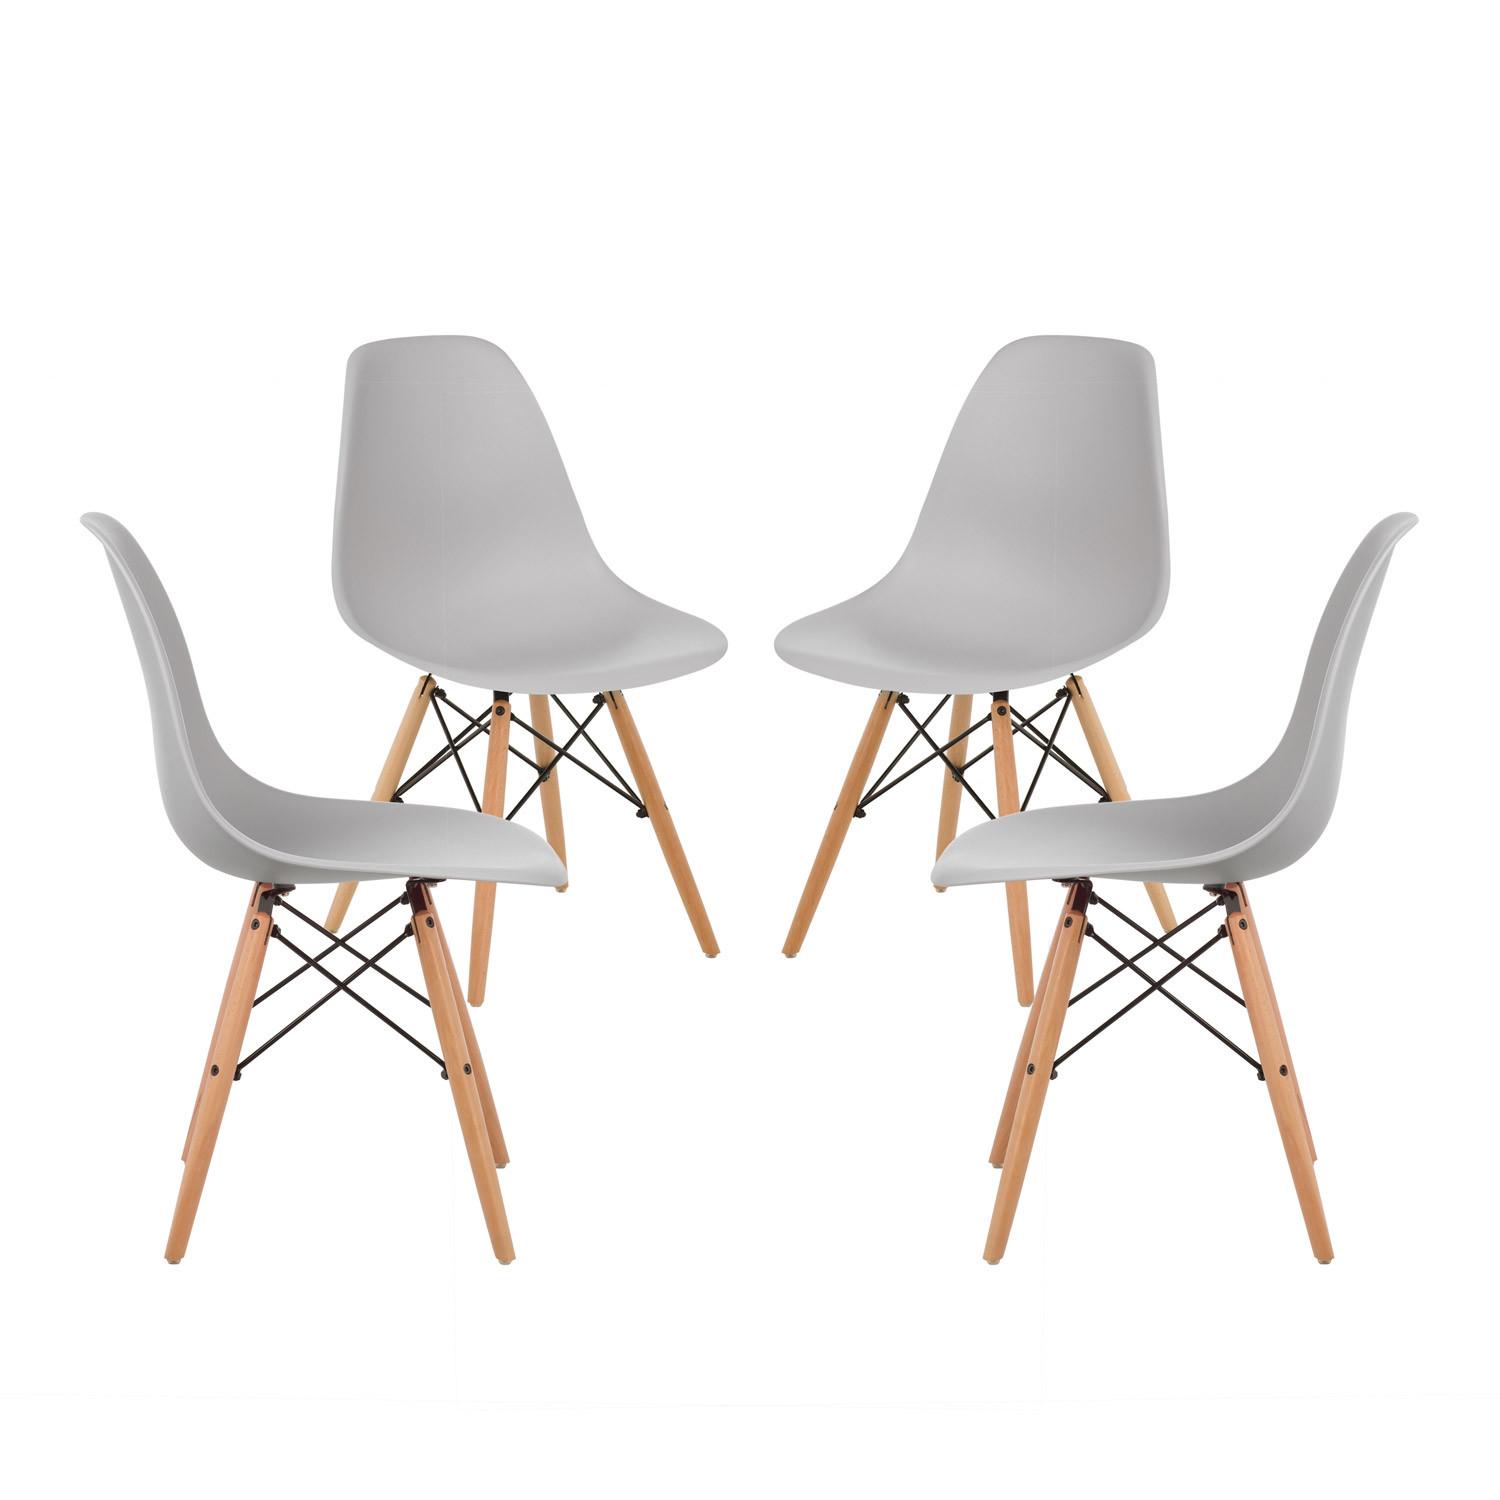 SILLA IMS-NATURAL 1- Chair (PP-638-C)